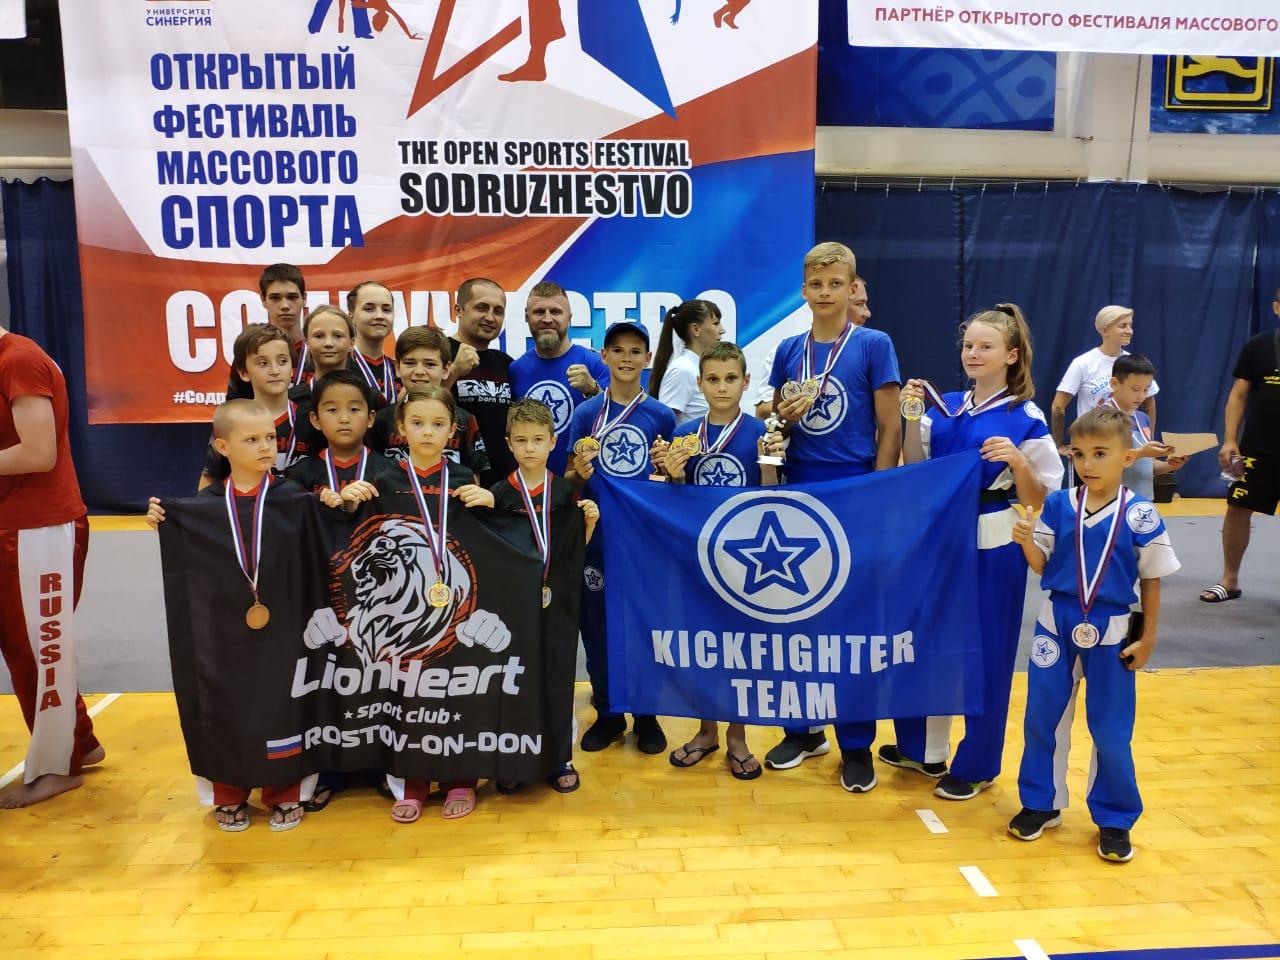 Всероссийский турнир по кикбоксингу «Кубок Чёрного моря»